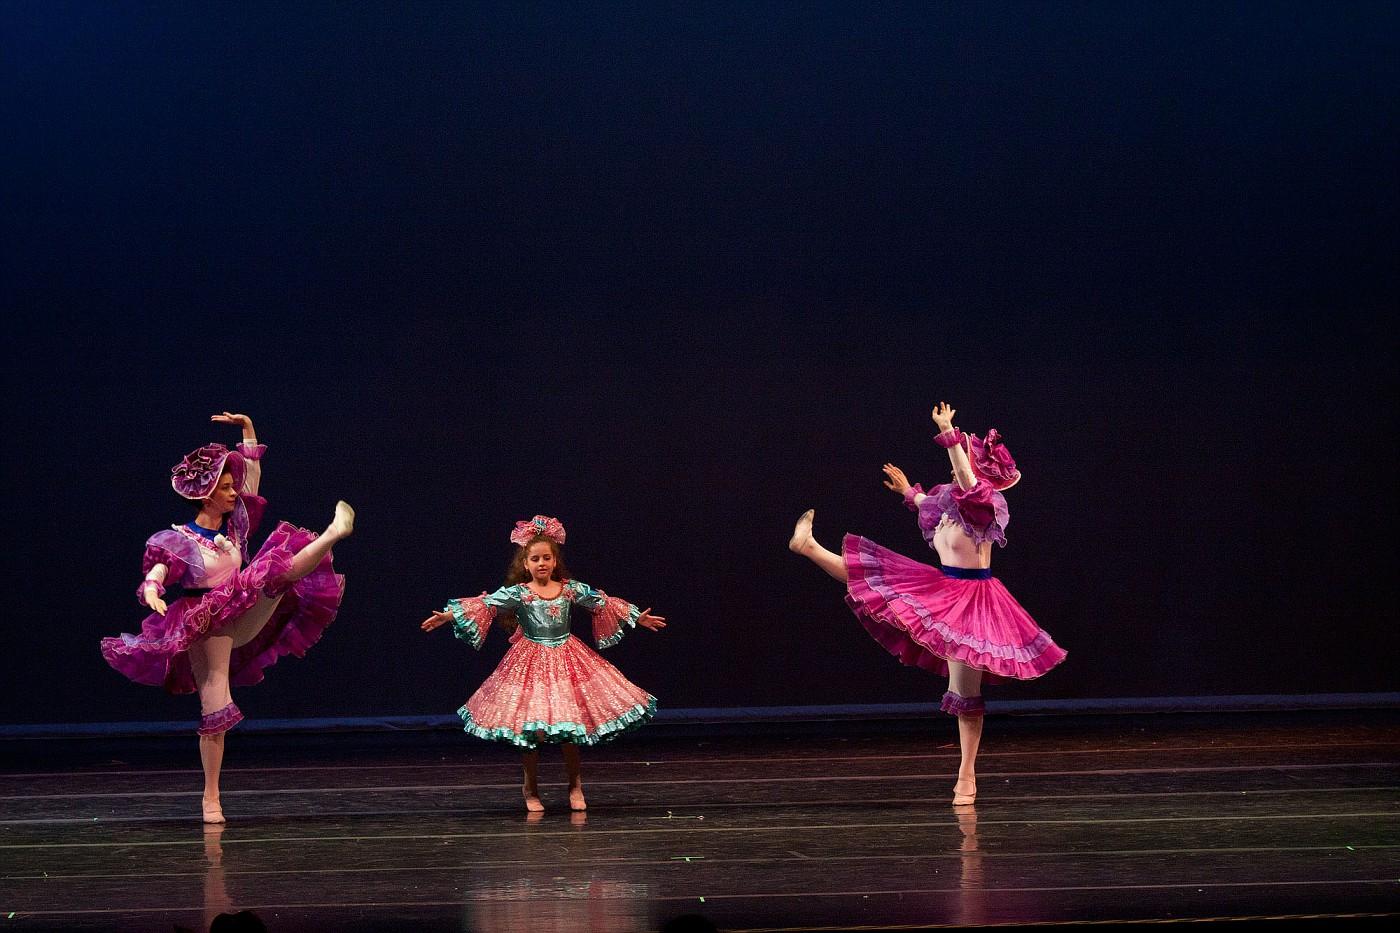 portrait-photography-children-ballet-20100617_0032.jpg